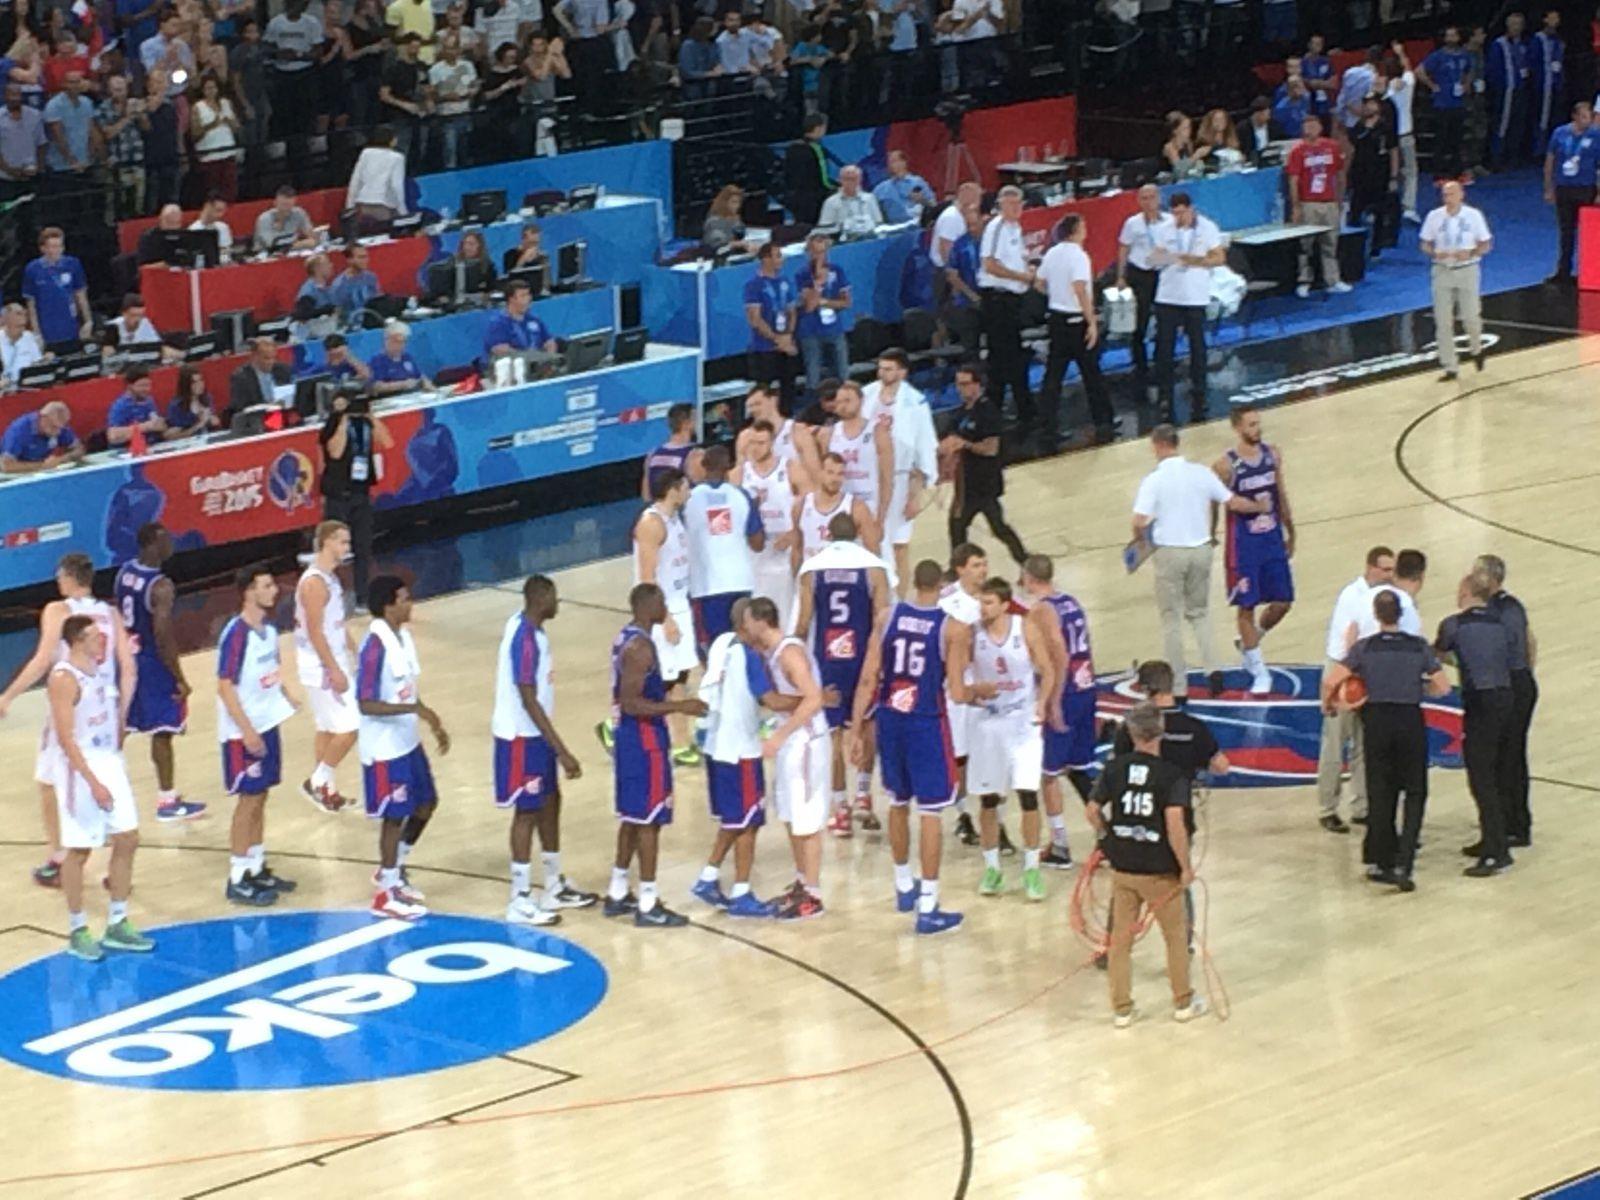 EuroBasket Montpellier 2015